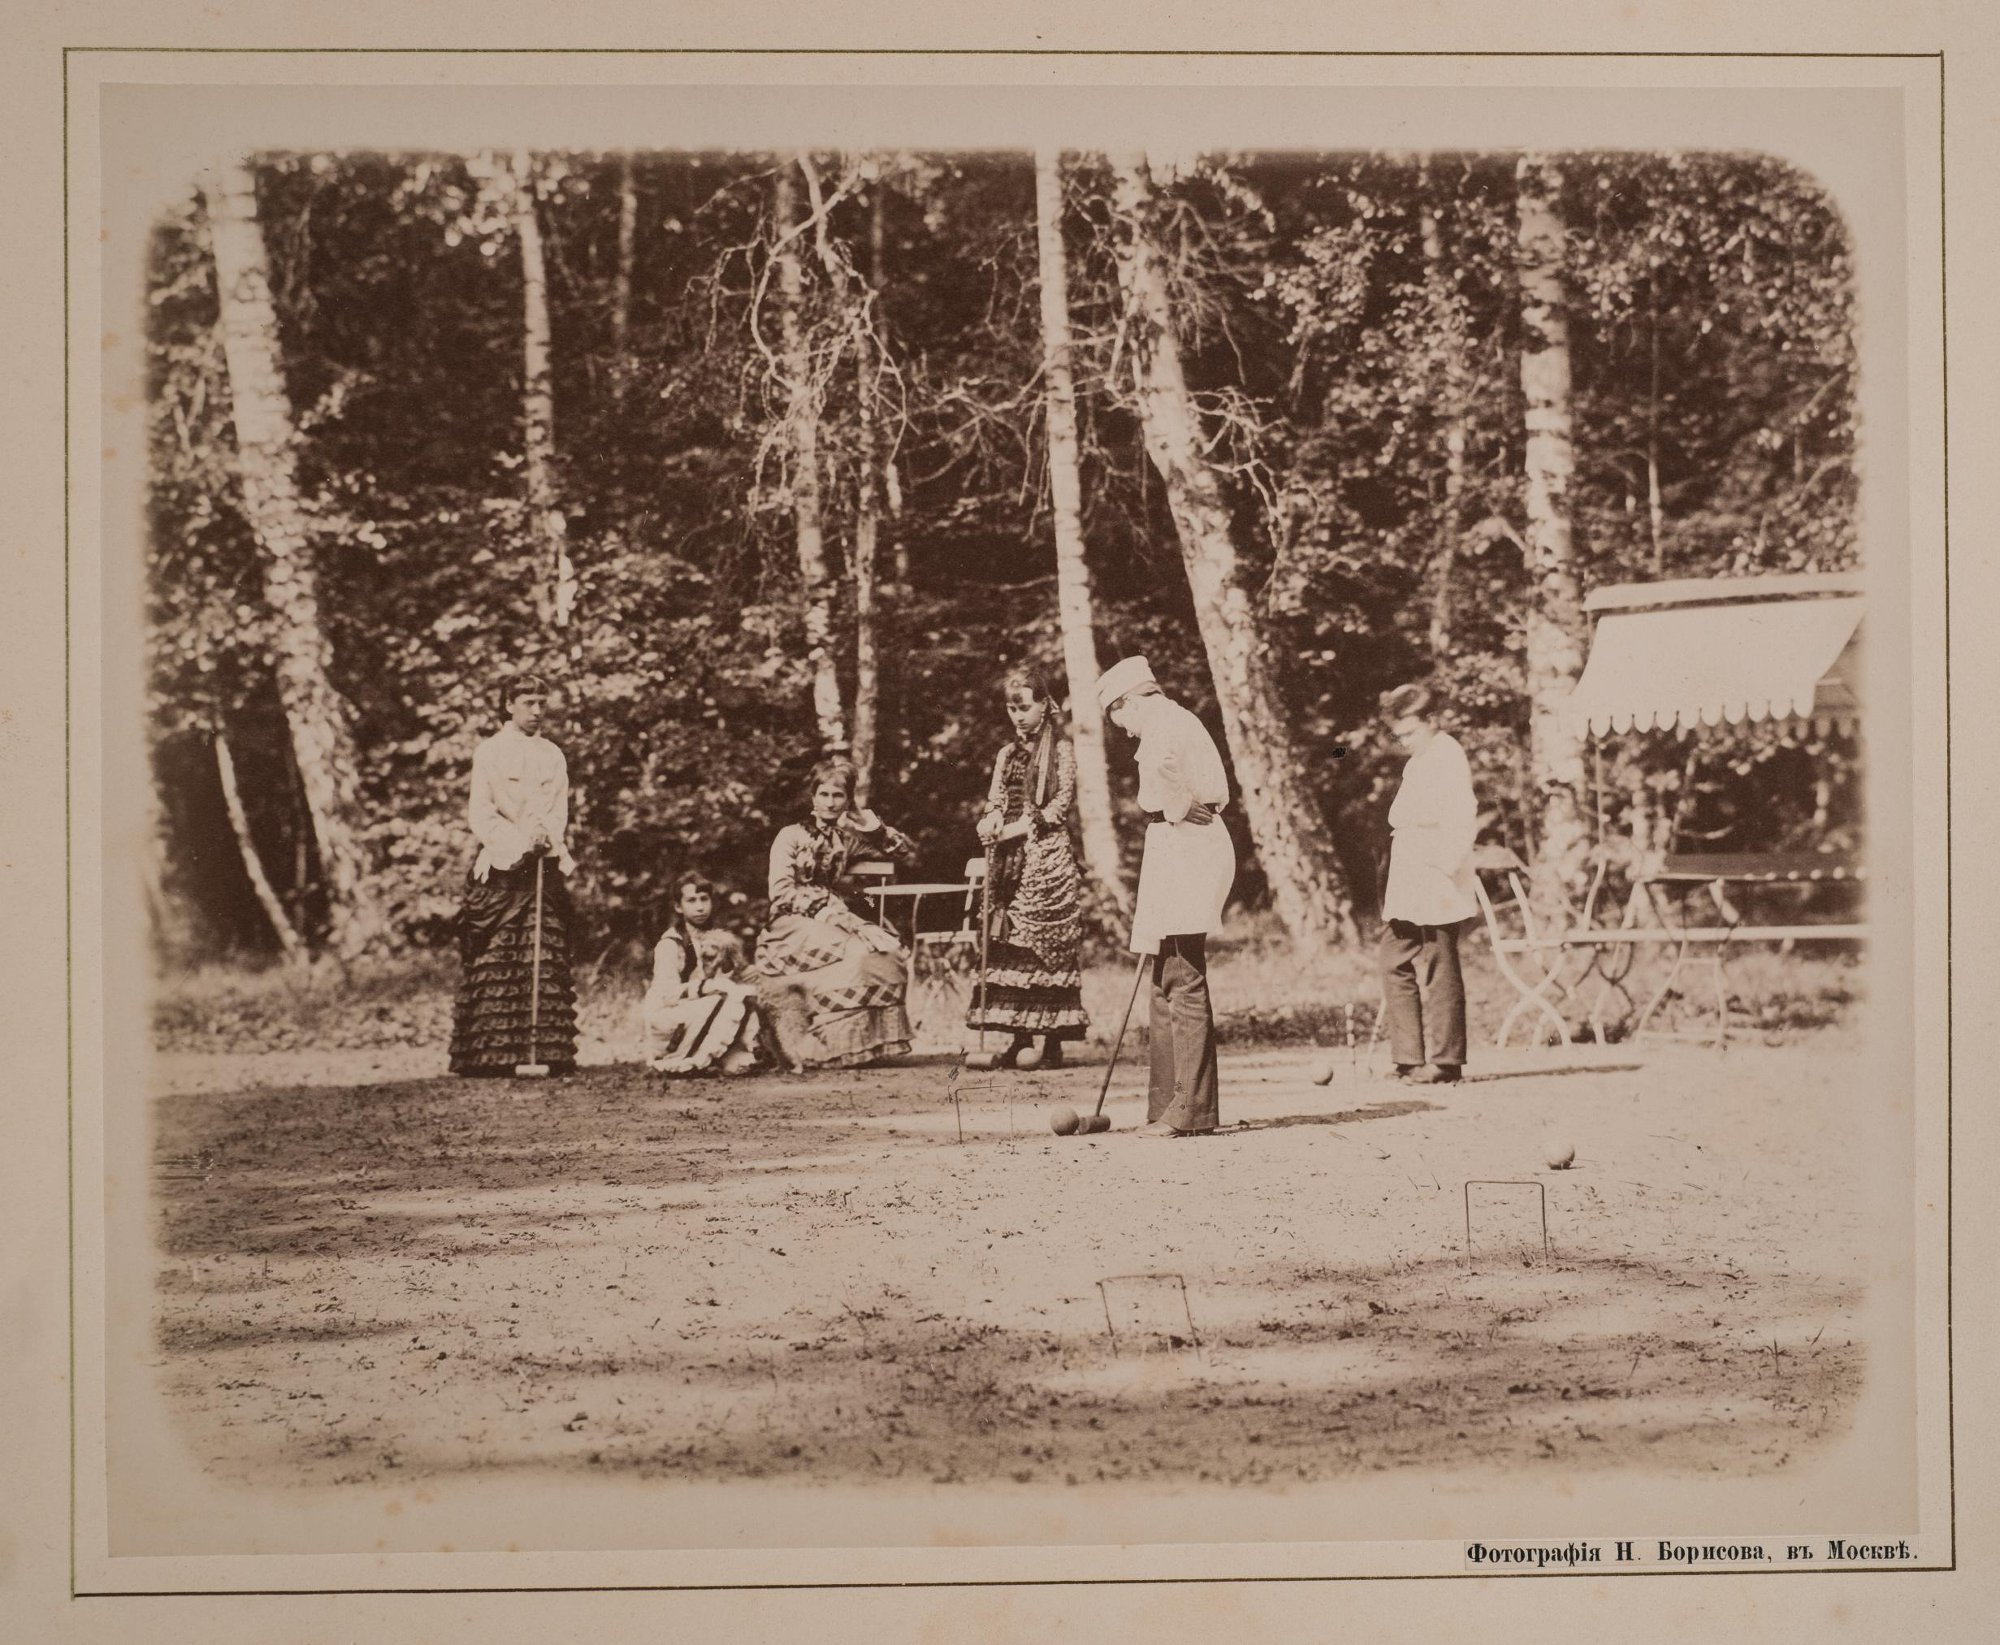 1882. Игра в крокет в Плещееве.